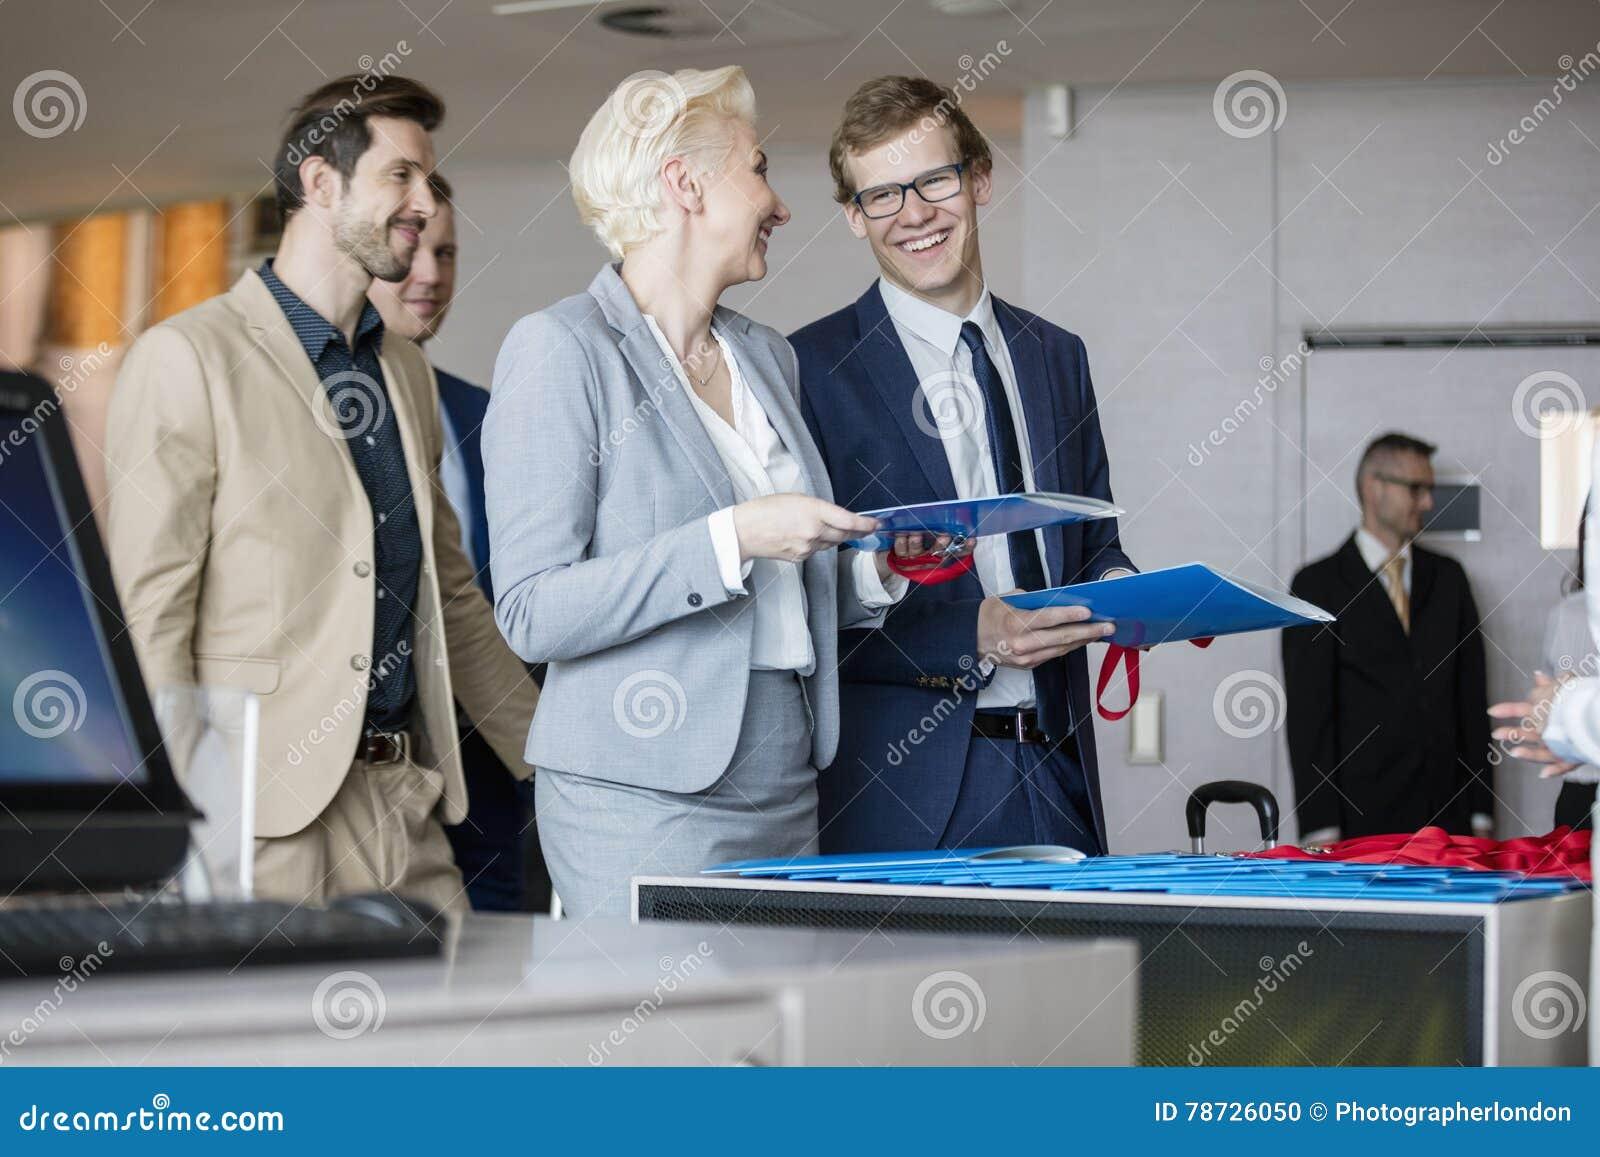 Gens d affaires heureux parlant tandis que fichiers de recopie au compteur de réception au centre de congrès